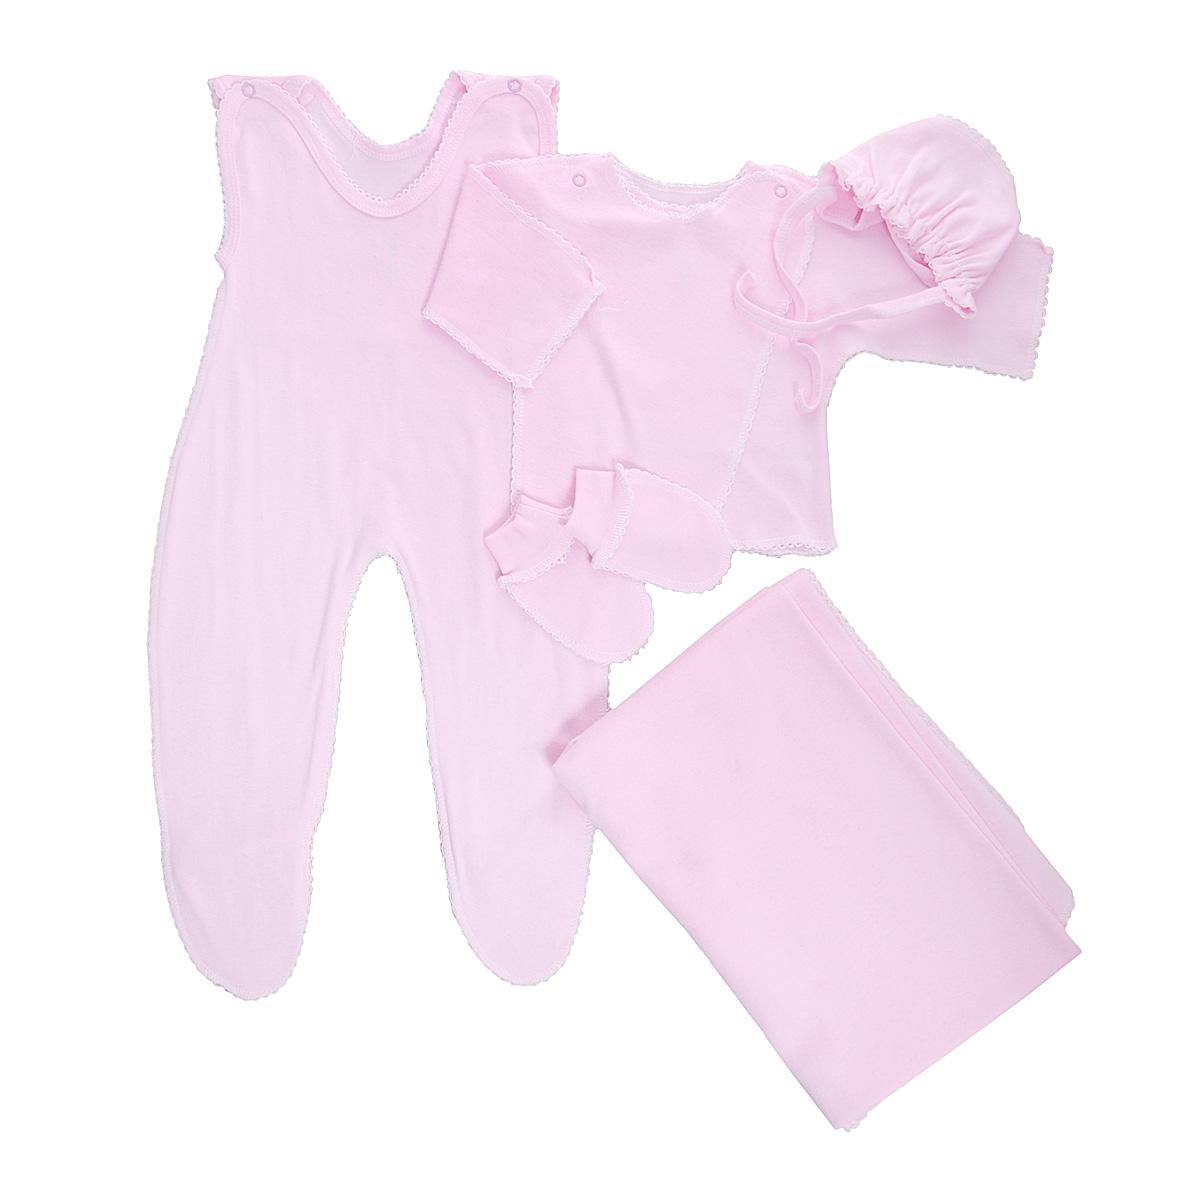 Комплект для новорожденного Трон-Плюс, 5 предметов, цвет: розовый. 7127. Размер 62, 3 месяца7127Комплект для новорожденного Трон-плюс - это замечательный подарок, который прекрасно подойдет для первых дней жизни малыша. Комплект состоит из ползунков с грудкой и закрытыми ножками, распашонки, чепчика, рукавичек и пеленки. Комплект изготовлен из натурального хлопка, благодаря чему он необычайно мягкий и приятный на ощупь, не сковывает движения младенца и позволяет коже дышать, не раздражает даже самую нежную и чувствительную кожу ребенка, обеспечивая ему наибольший комфорт. Распашонка с запахом, застегивается при помощи двух кнопок на плечах, которые позволяют без труда переодеть ребенка. Швы выполнены наружу и обработаны ажурными петельками. Ползунки с закрытыми ножками, застегивающиеся сверху на две кнопочки, идеально подойдут вашему ребенку, обеспечивая ему наибольший комфорт. Подходят для ношения с подгузником и без него. Мягкий чепчик с завязочками защищает еще не заросший родничок, щадит чувствительный слух малыша, прикрывая ушки, и предохраняет от теплопотерь. Дополнен чепчик мягкой эластичной сборкой. Рукавички обеспечат вашему малышу комфорт во время сна и бодрствования, предохраняя нежную кожу новорожденного от расцарапывания. Они дополнены широкой эластичной резинкой. Пеленка станет незаменимым помощником в деле ухода за ребенком. Элементы набора выполнены швами наружу и оформлены ажурными петельками. В таком комплекте ваш малыш будет чувствовать себя комфортно, уютно и всегда будет в центре внимания!